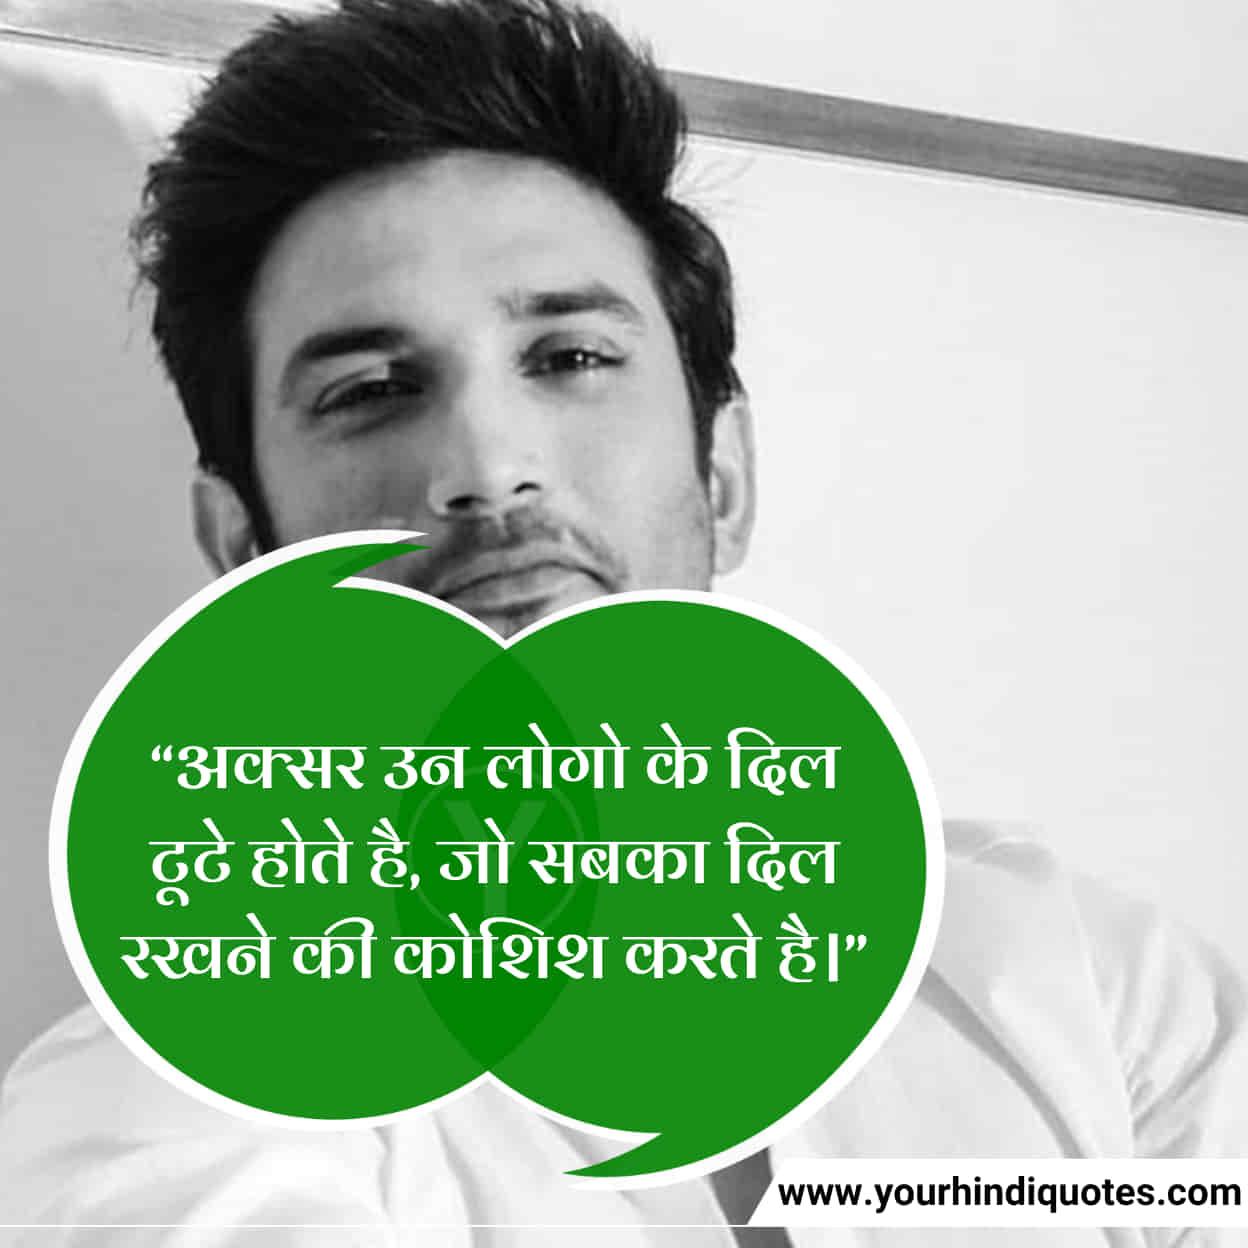 Latest Sad Life Quotes